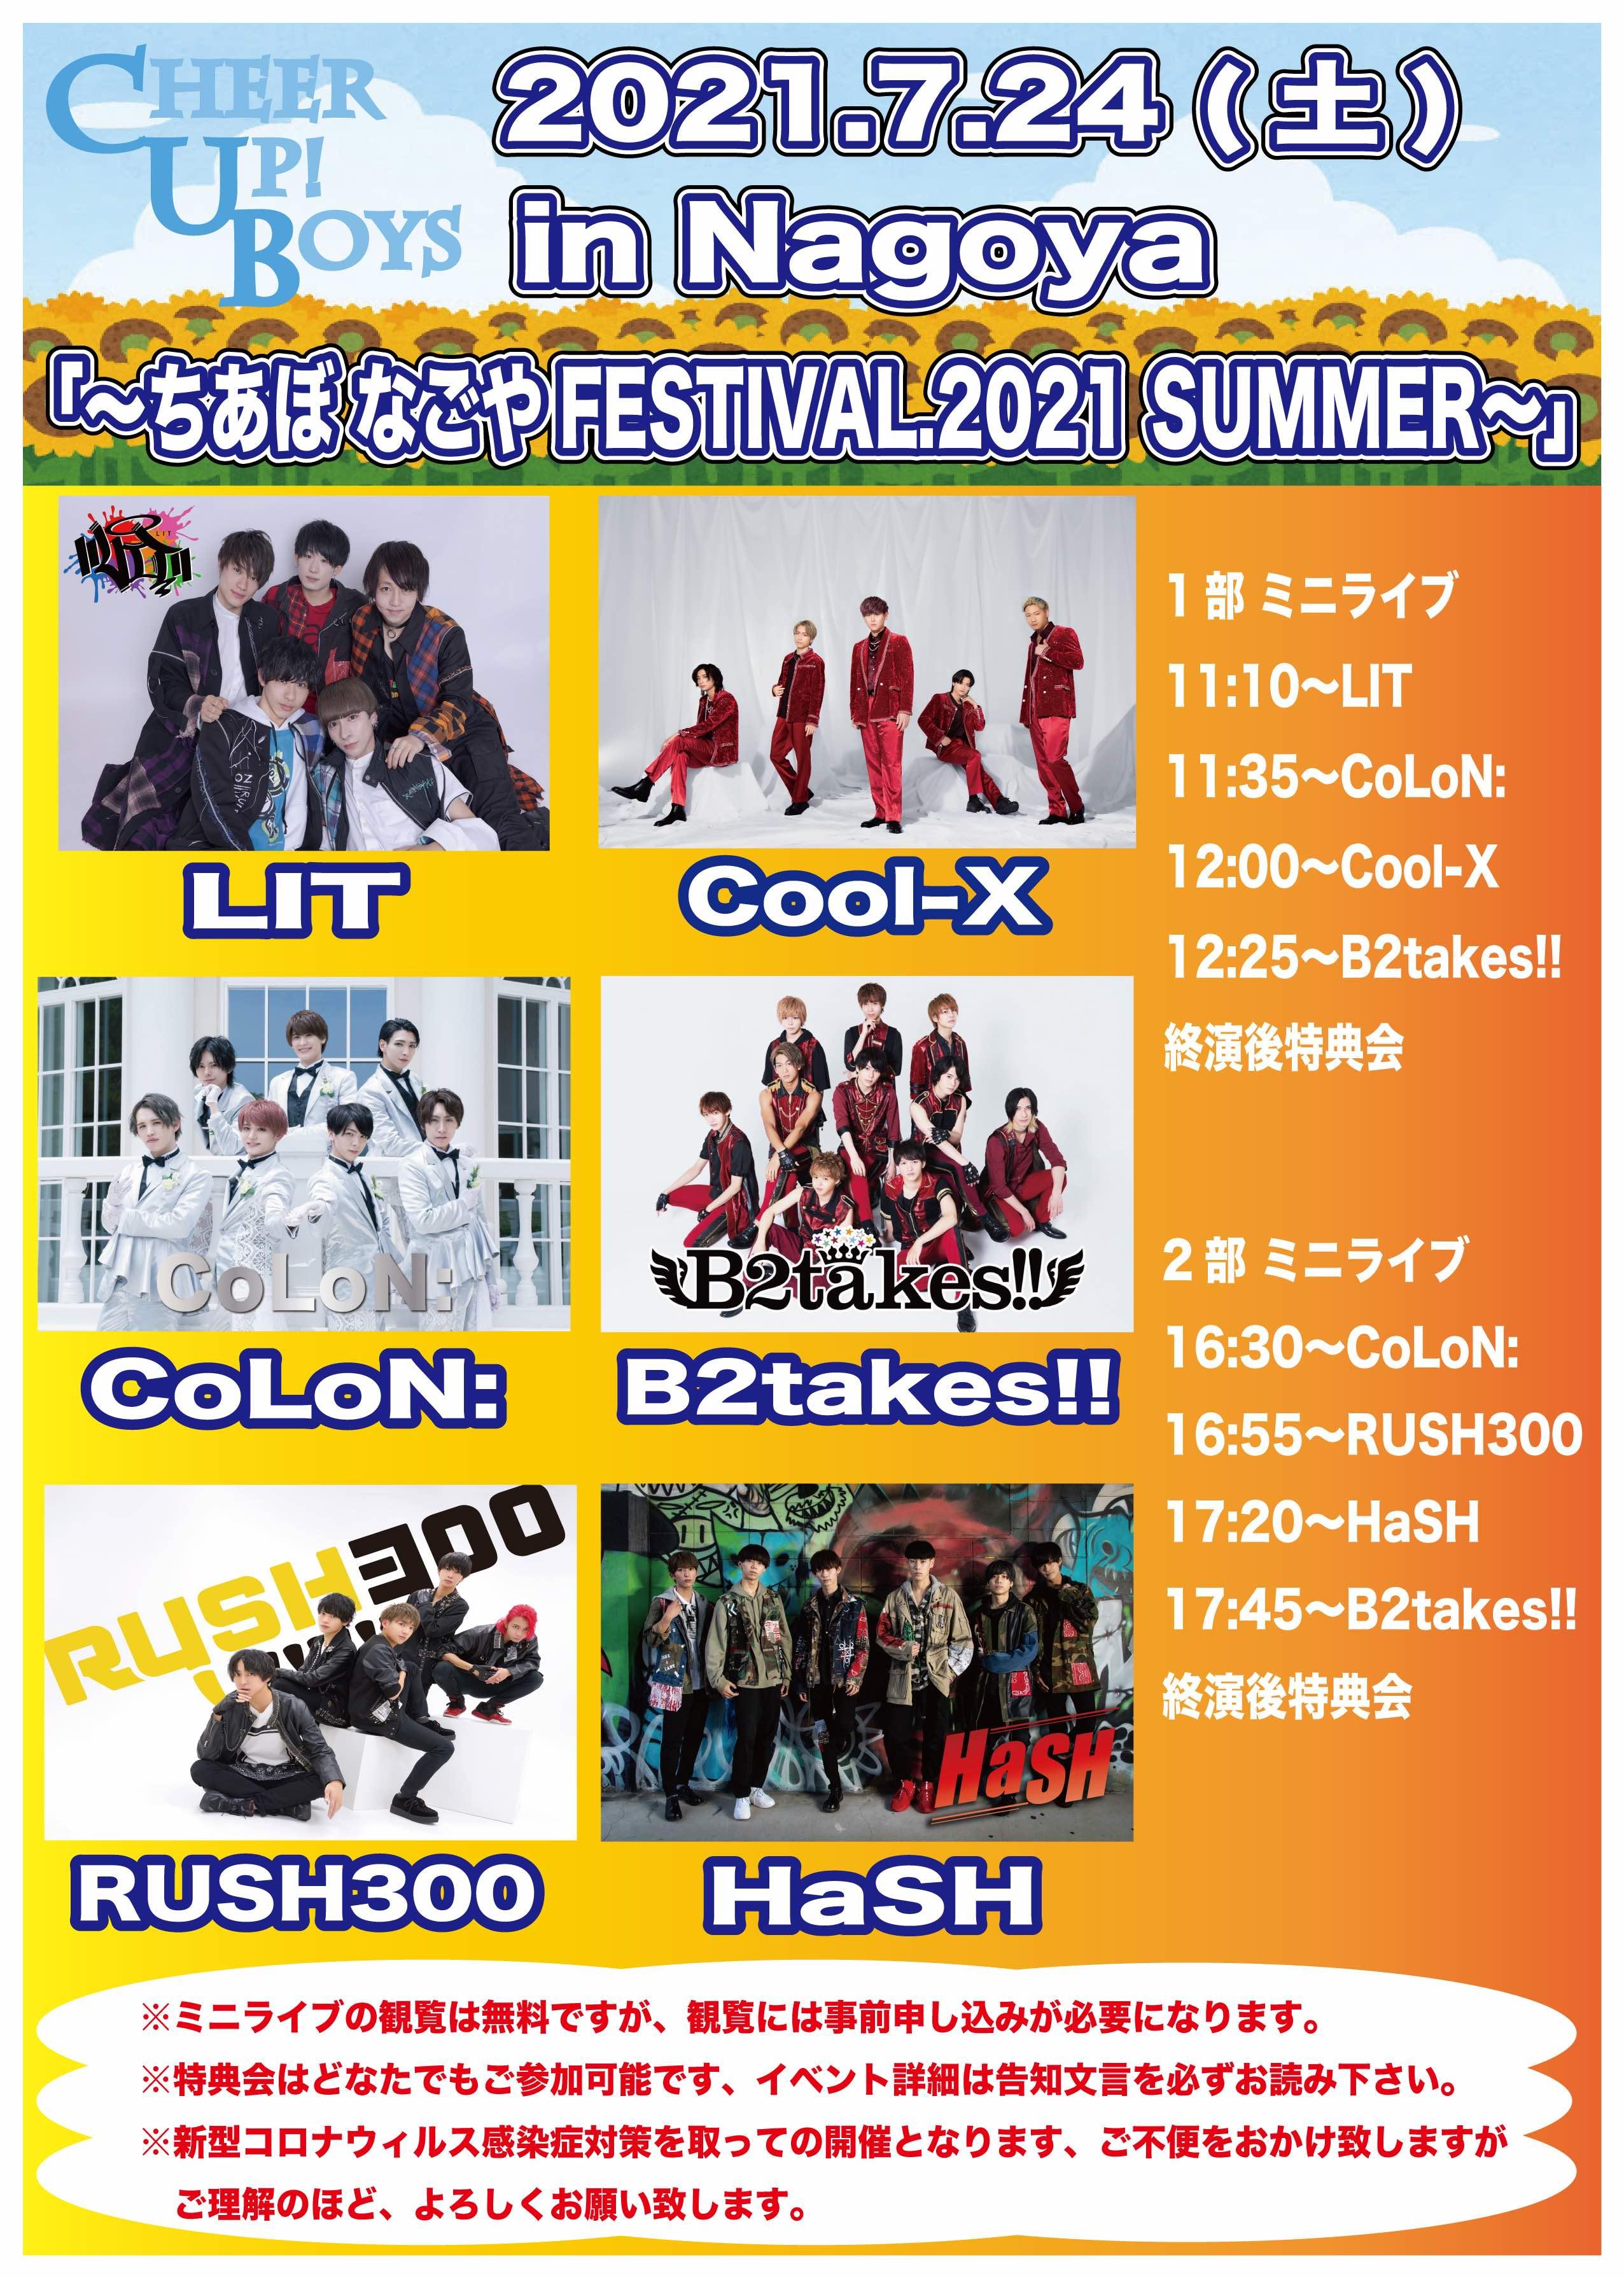 新星堂presents Cheer Up! Boys in Nagoya 「〜ちあぼ なごやFESTIVAL.2021 SUMMER〜」